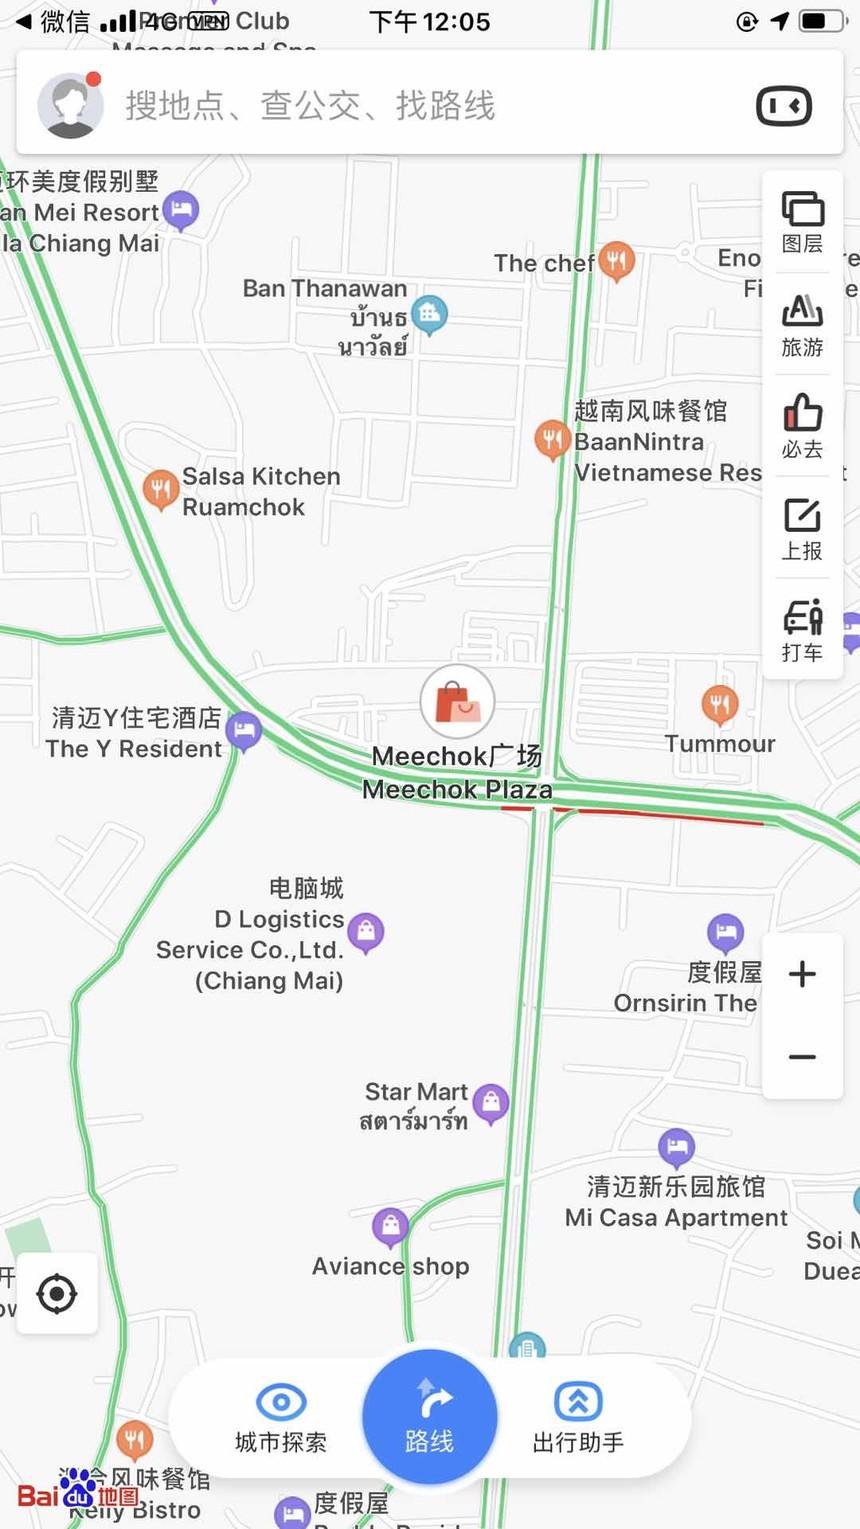 清迈金色小镇2 地图.jpg